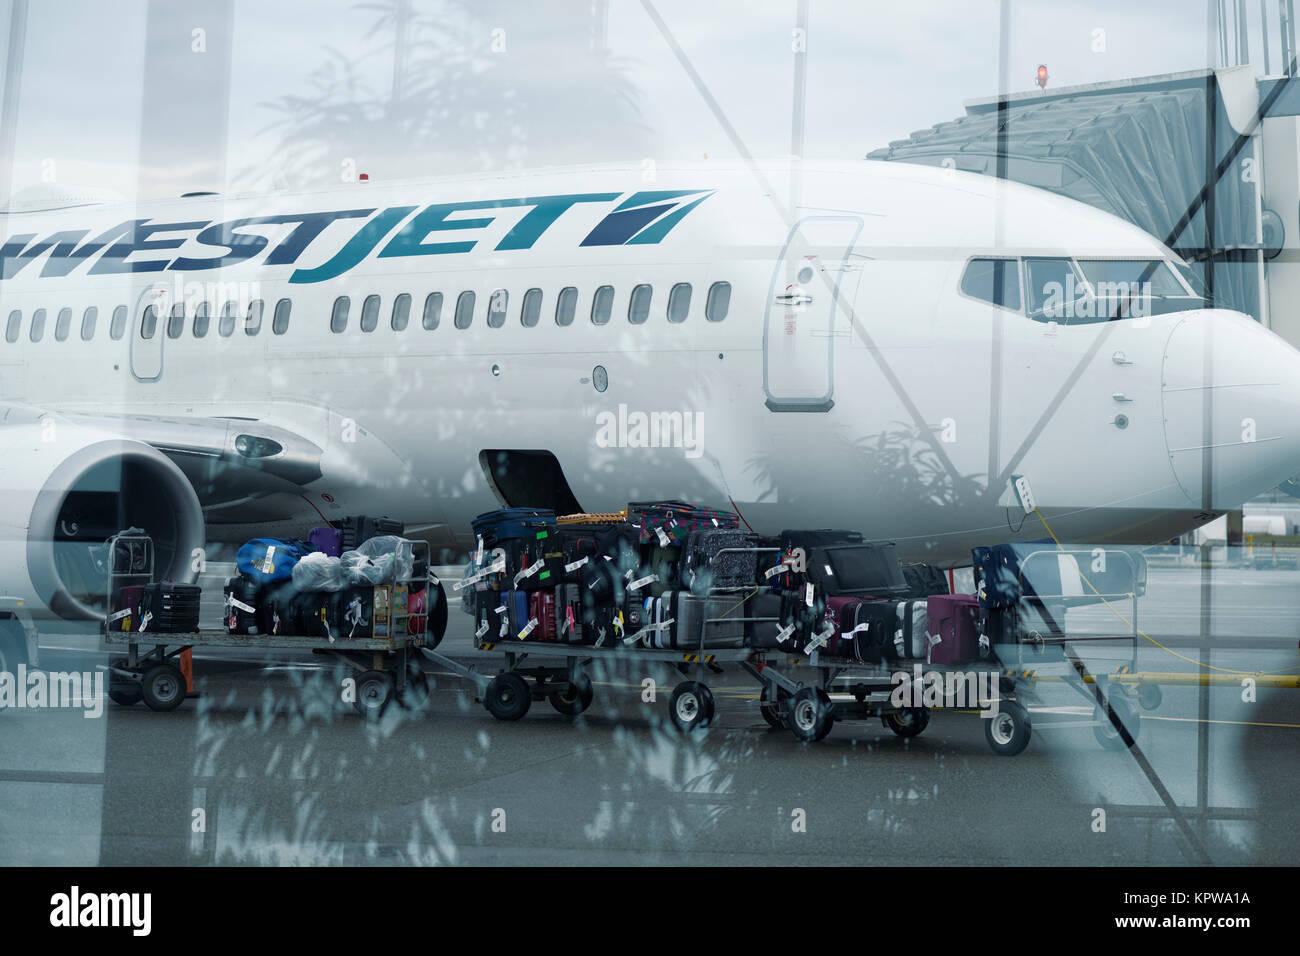 Künstlerische Foto von einem Gepäckträger Zug voller Gepäck über auf einem WestJet Flugzeug Stockbild